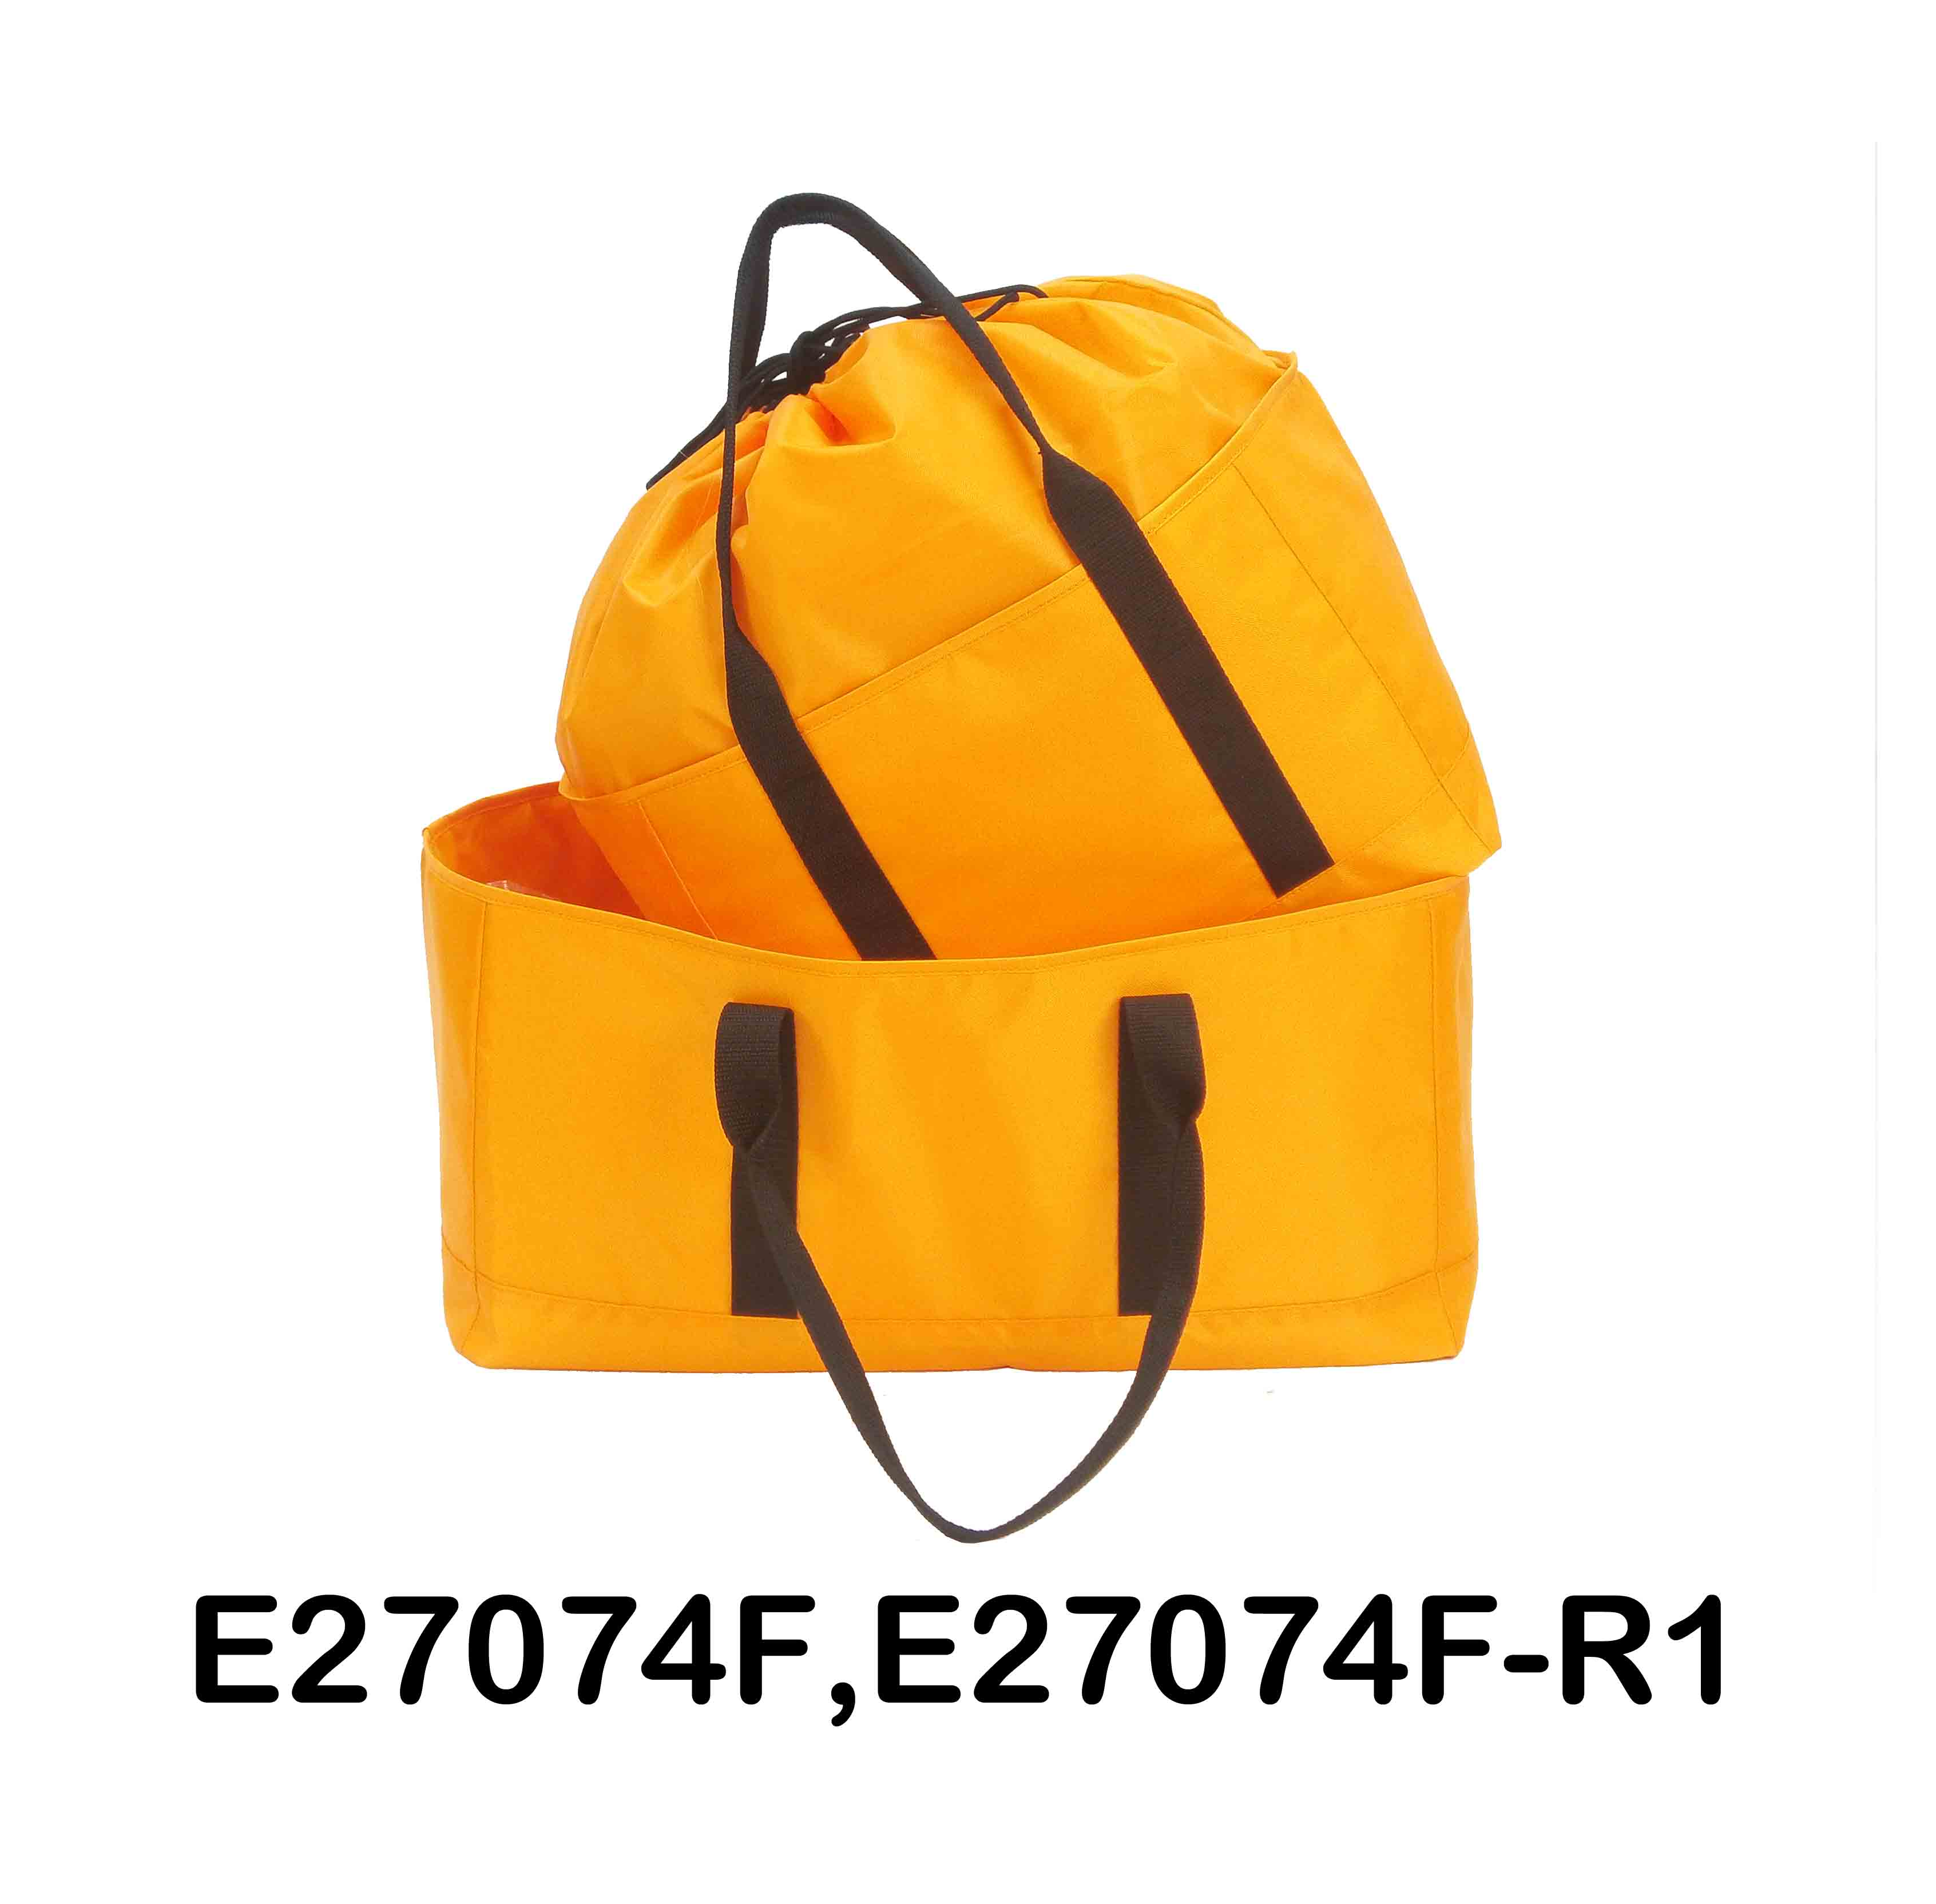 E27074F,R1